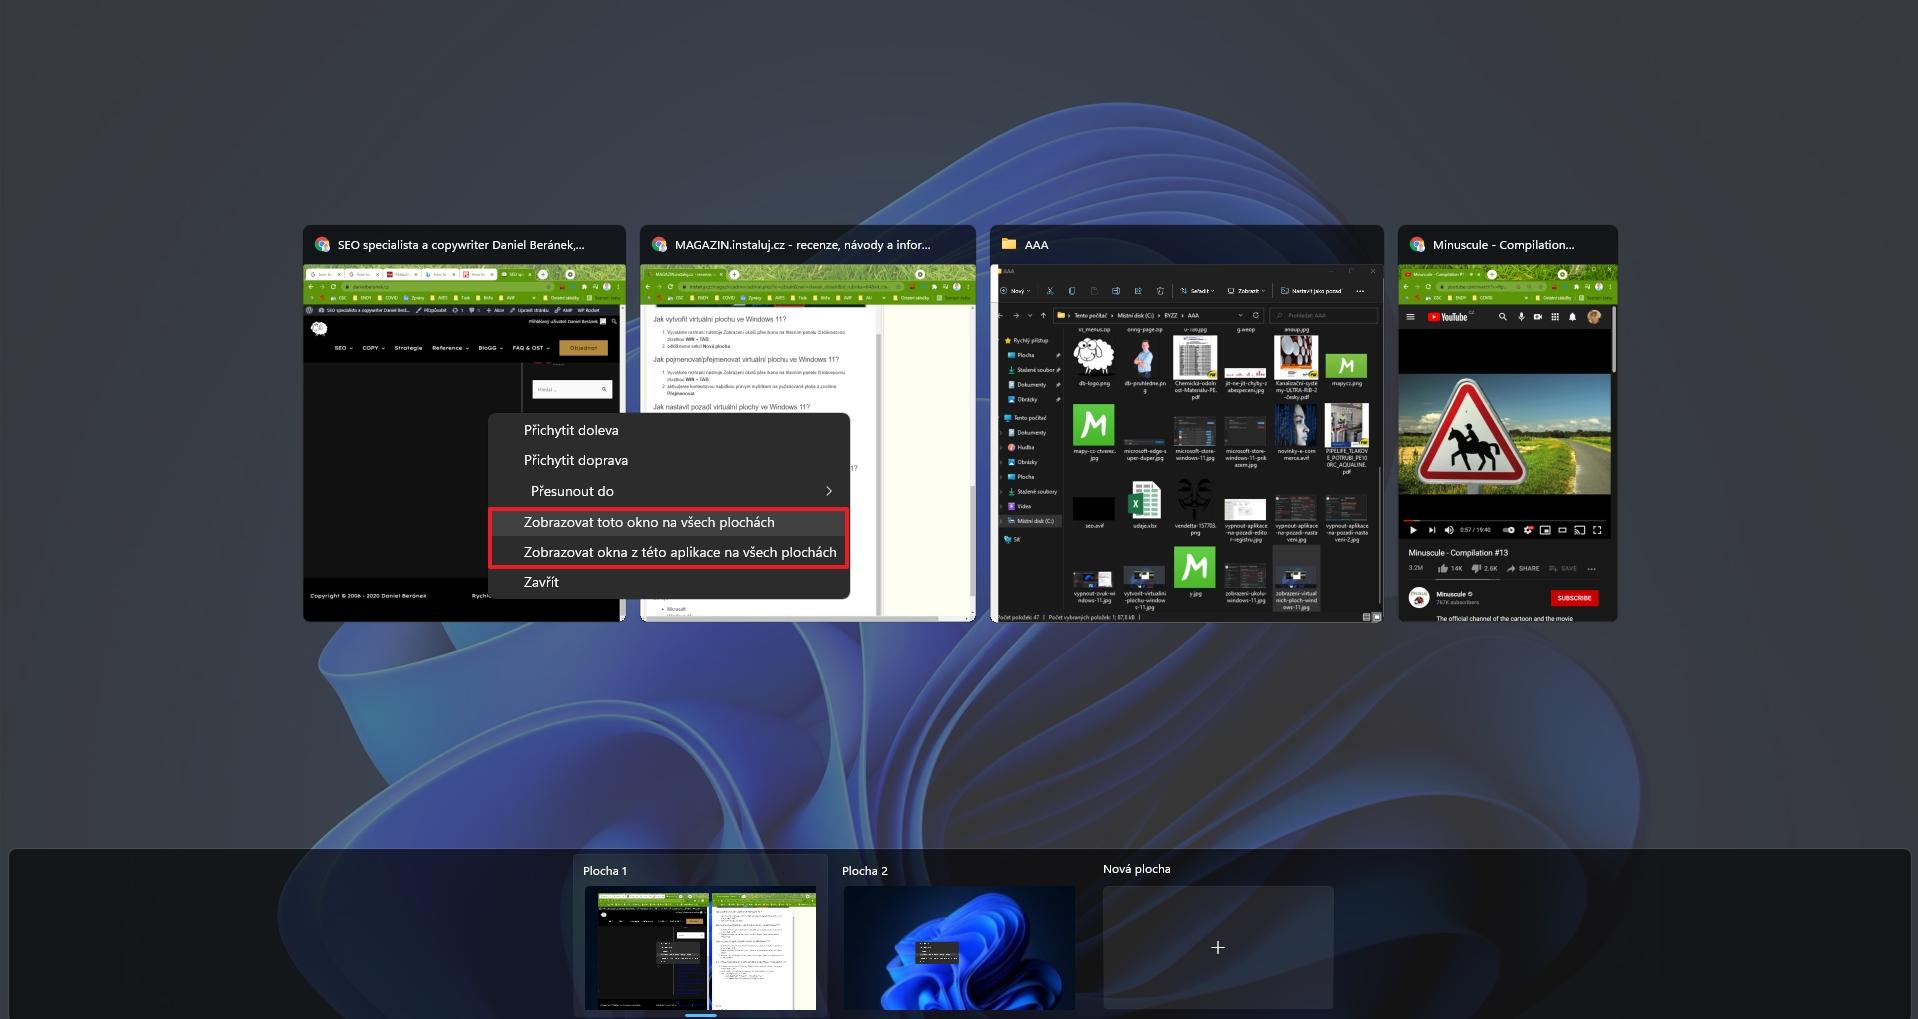 Otevřeme rozhraní nástroje Zobrazení úkolů a na okně požadované aplikace vybereme z kontextového menu buď Zobrazovat toto okno na všech plochách nebo Zobrazovat okna z této aplikace  na všech plochách (Zdroj: Windows 11) (Zdroj: Windows 11)